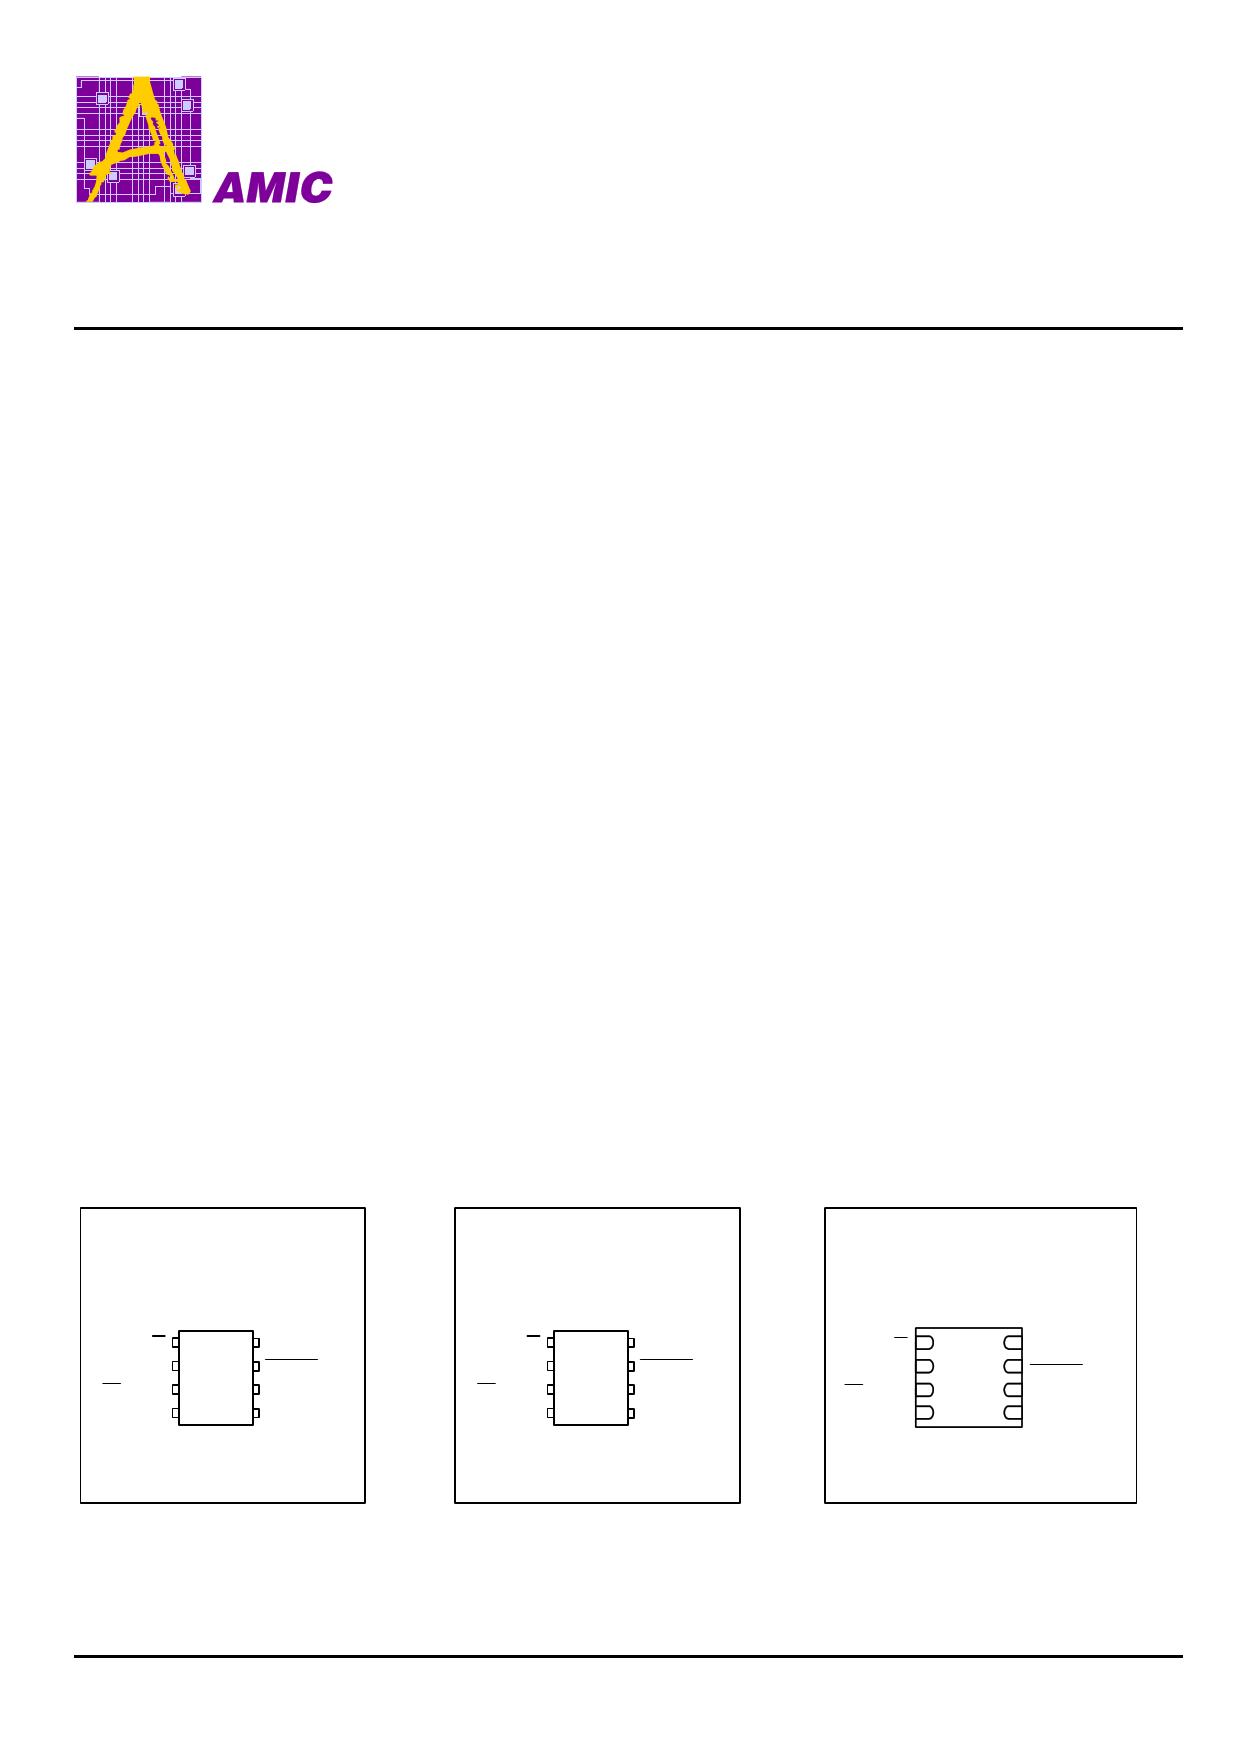 A25LQ16 pdf, schematic